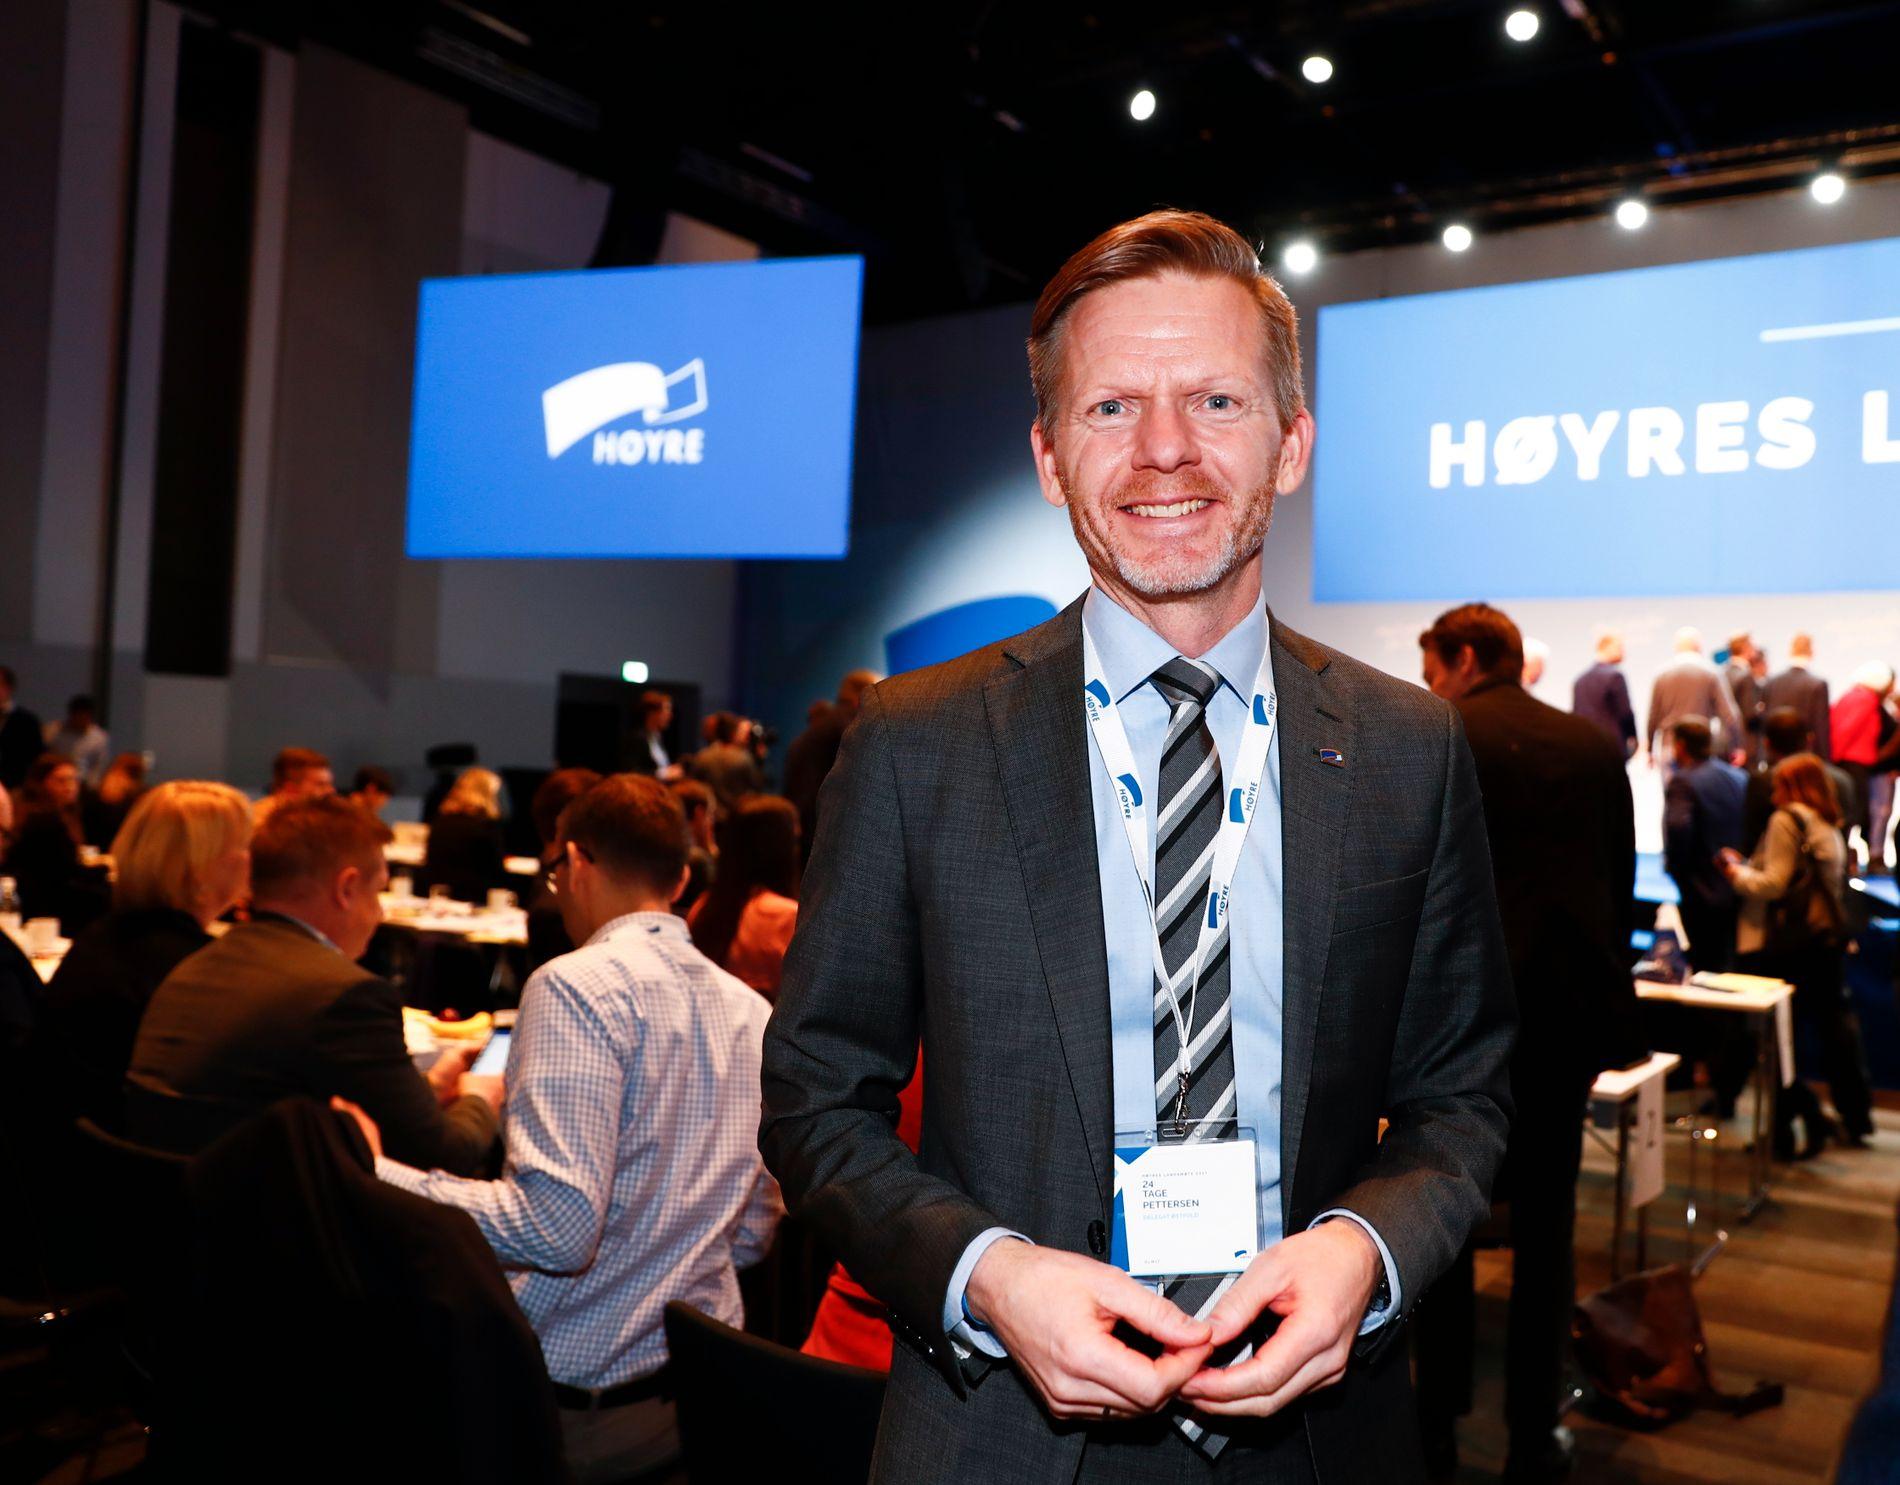 Høyres Tage Pettersen regner med at det kommer ny politisk runde om spillmonopolet i løpet av neste stortingsperiode.